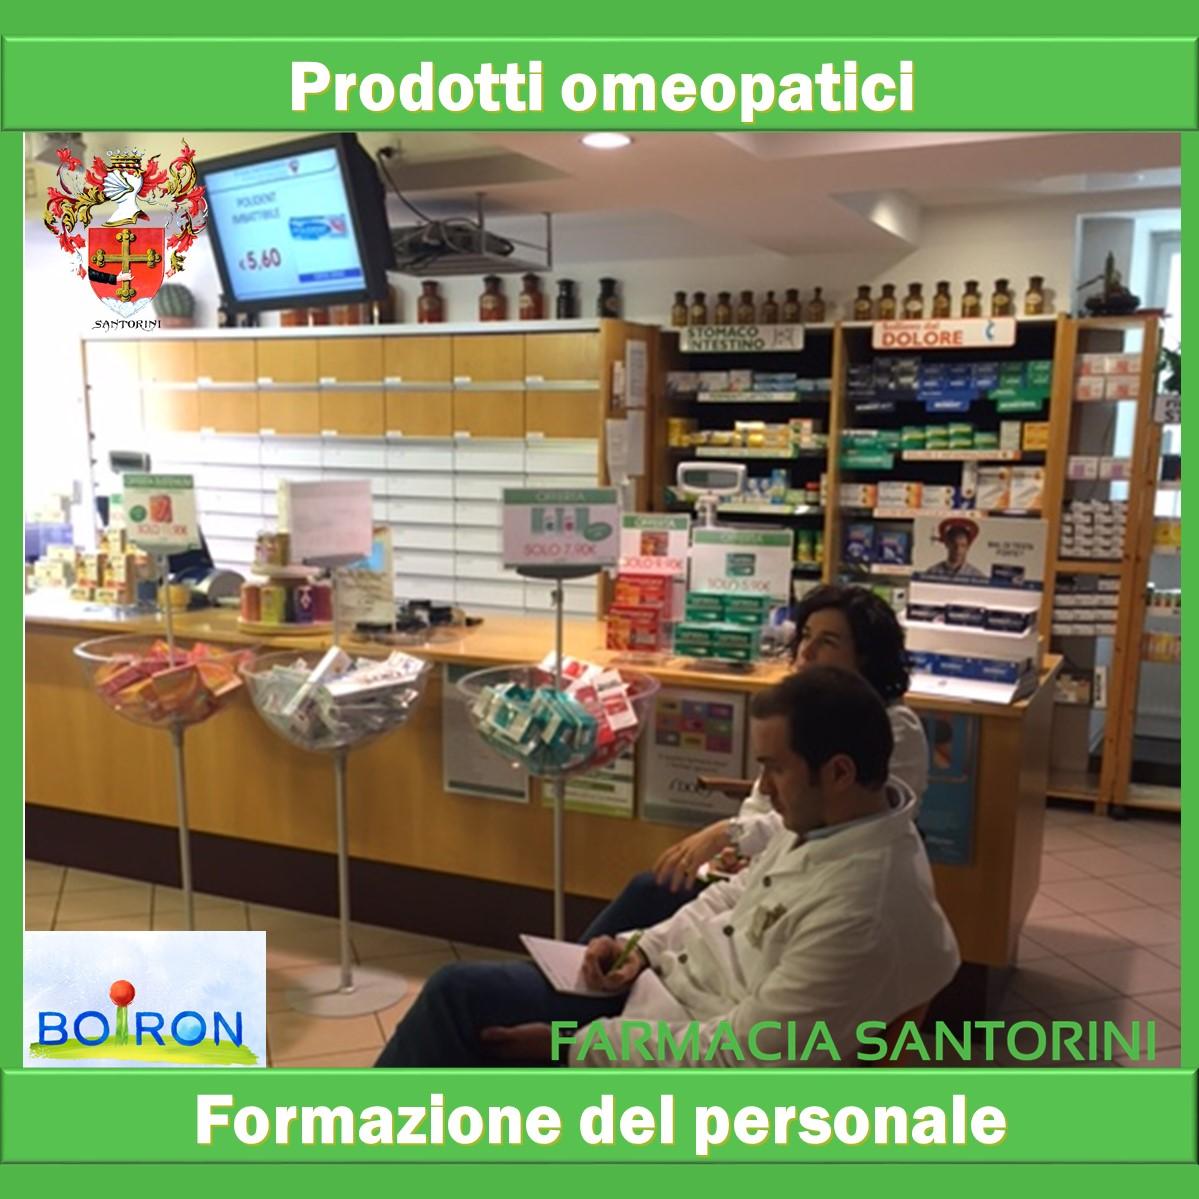 Boiron_Presentazione_02